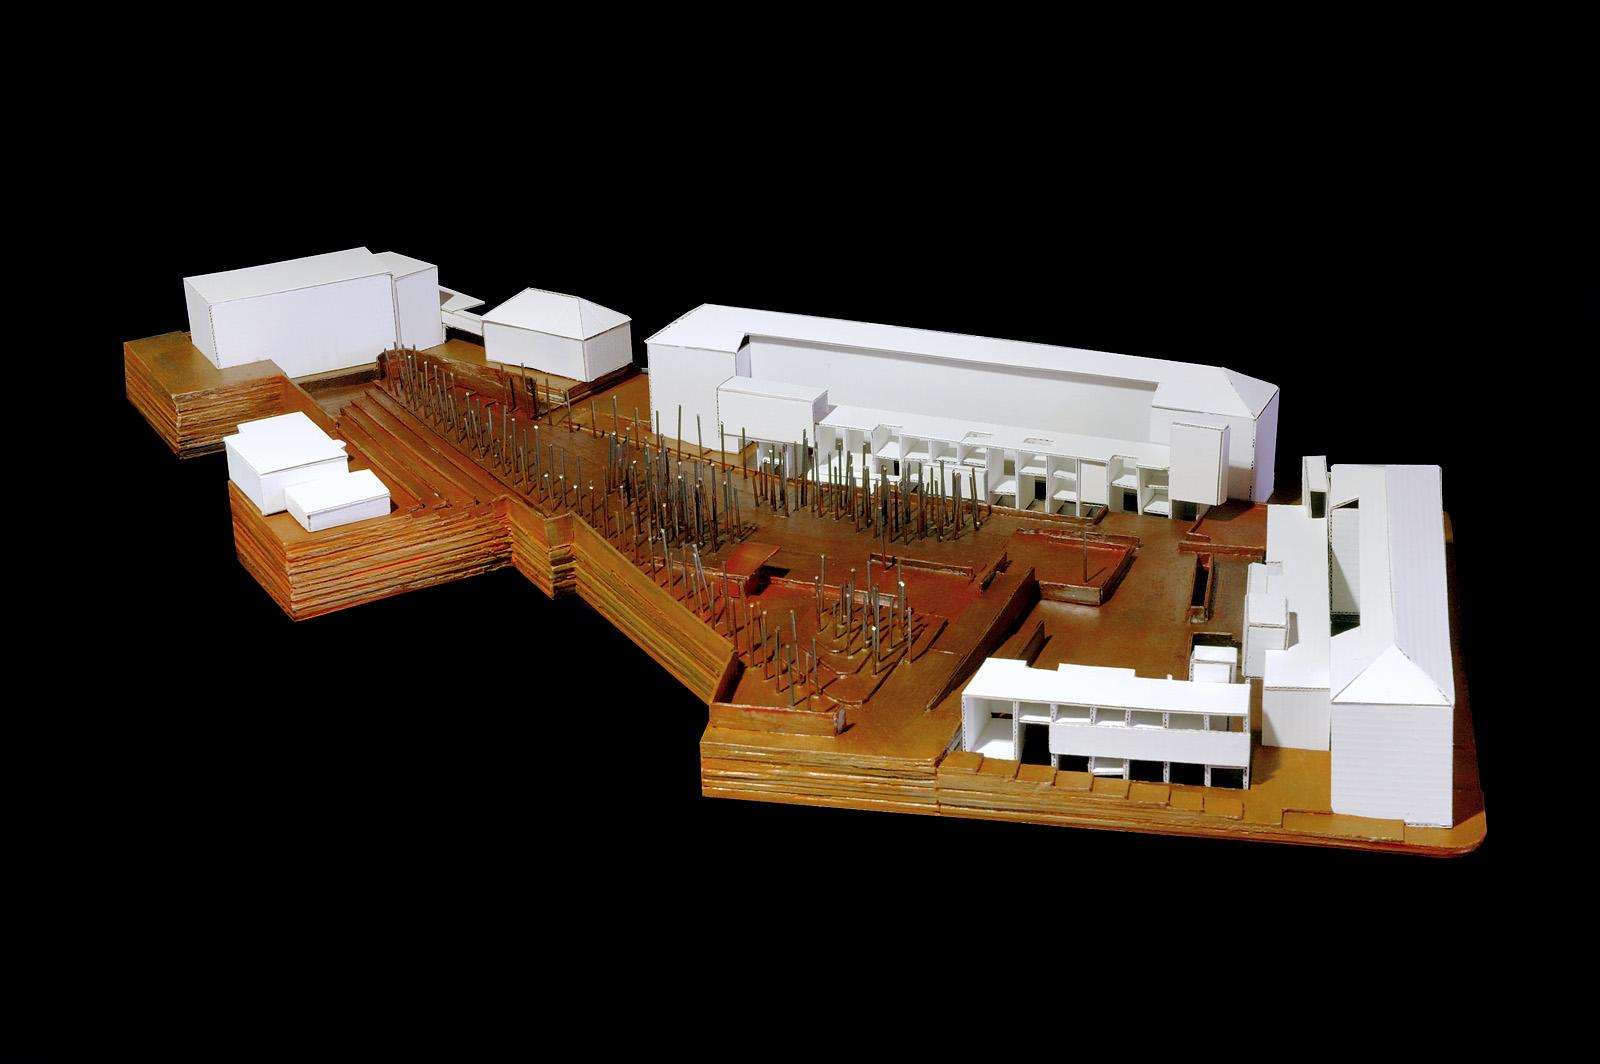 VUT   areál fakult architektury a výtvarných umění   Brno   09